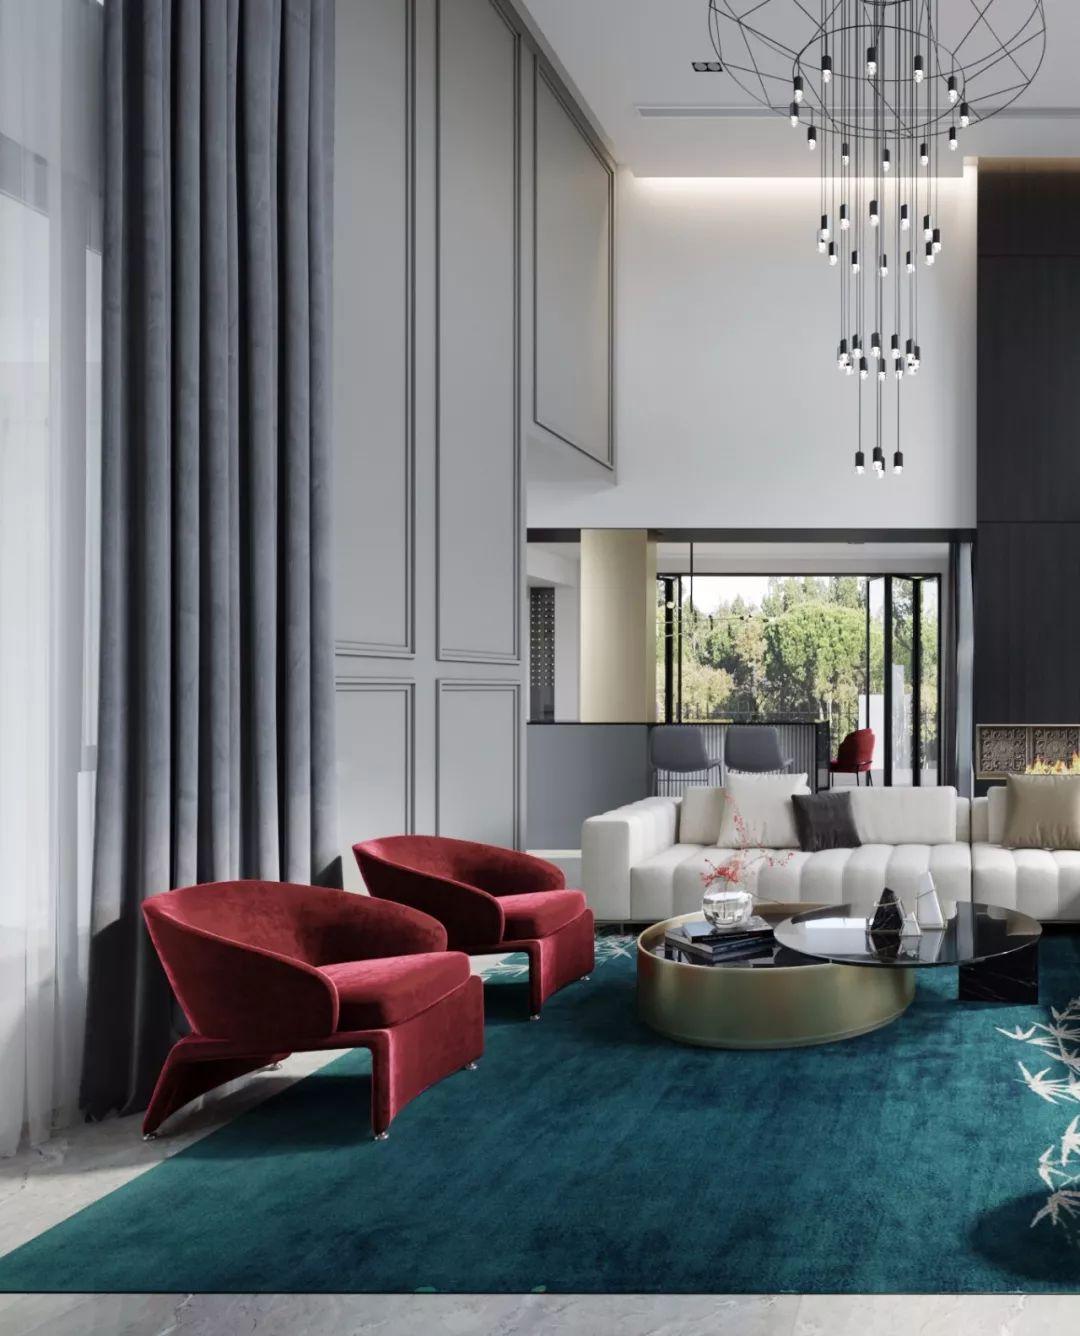 摩登 简约 时尚,ins风时尚范儿风靡全球室内设计界